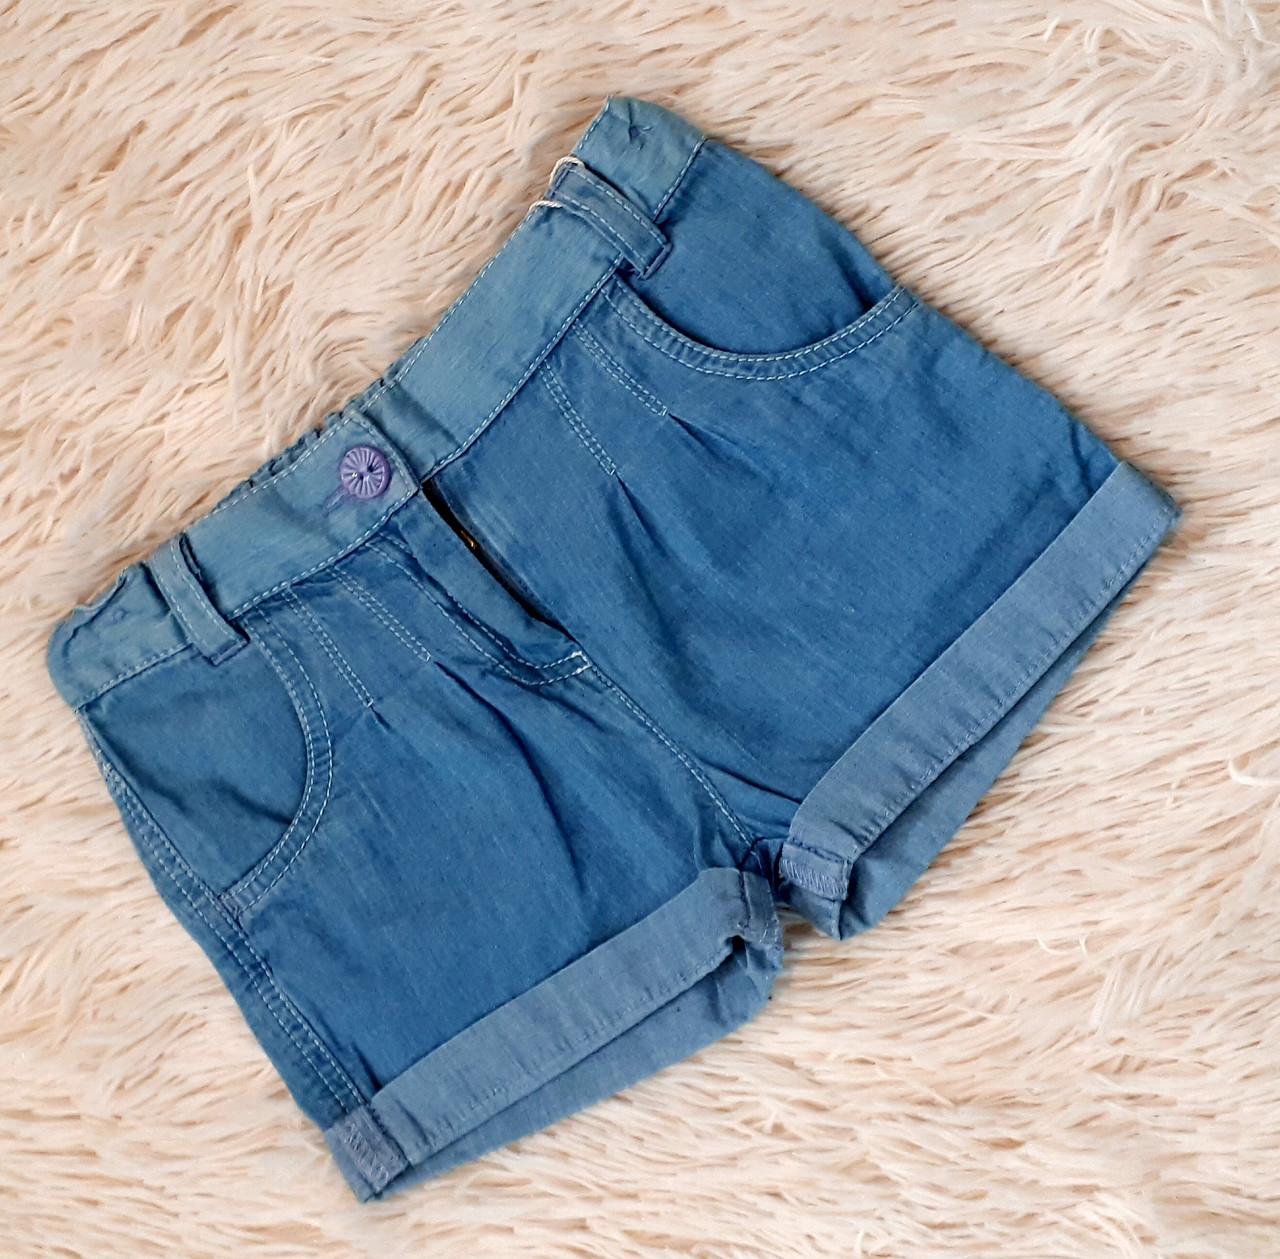 Шорты джинсовые на девочку летние ТМ Бемби (Украина) 86